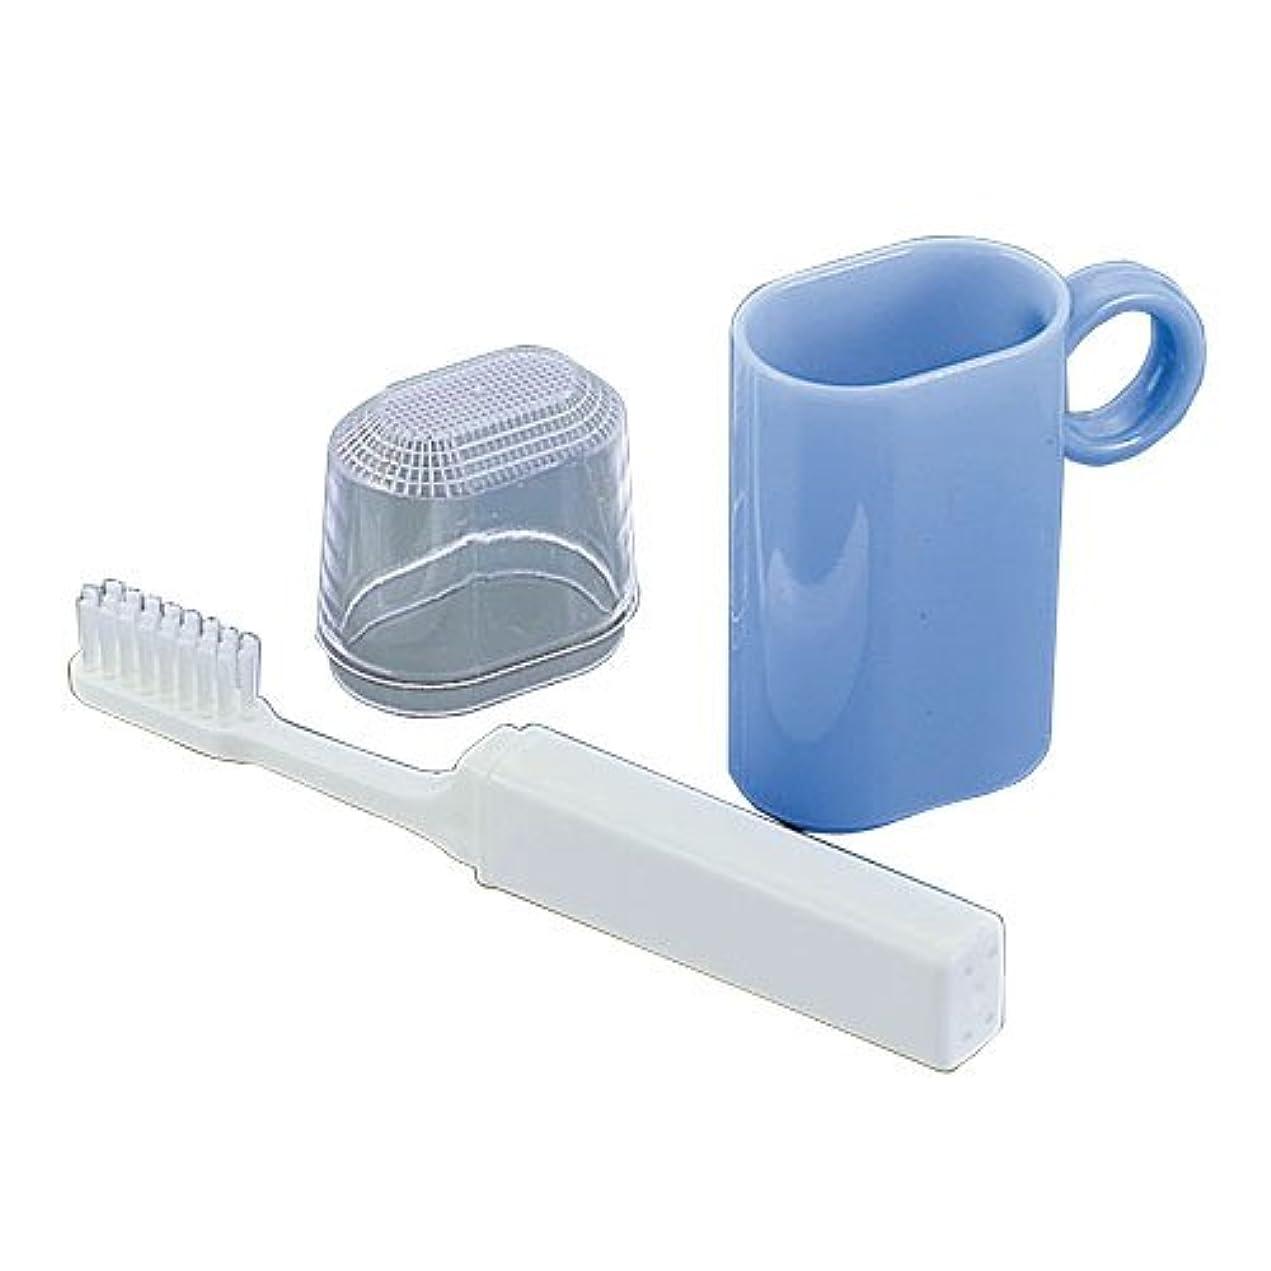 エンコミウム仕様アラビア語コップ付歯ブラシセット ブルー